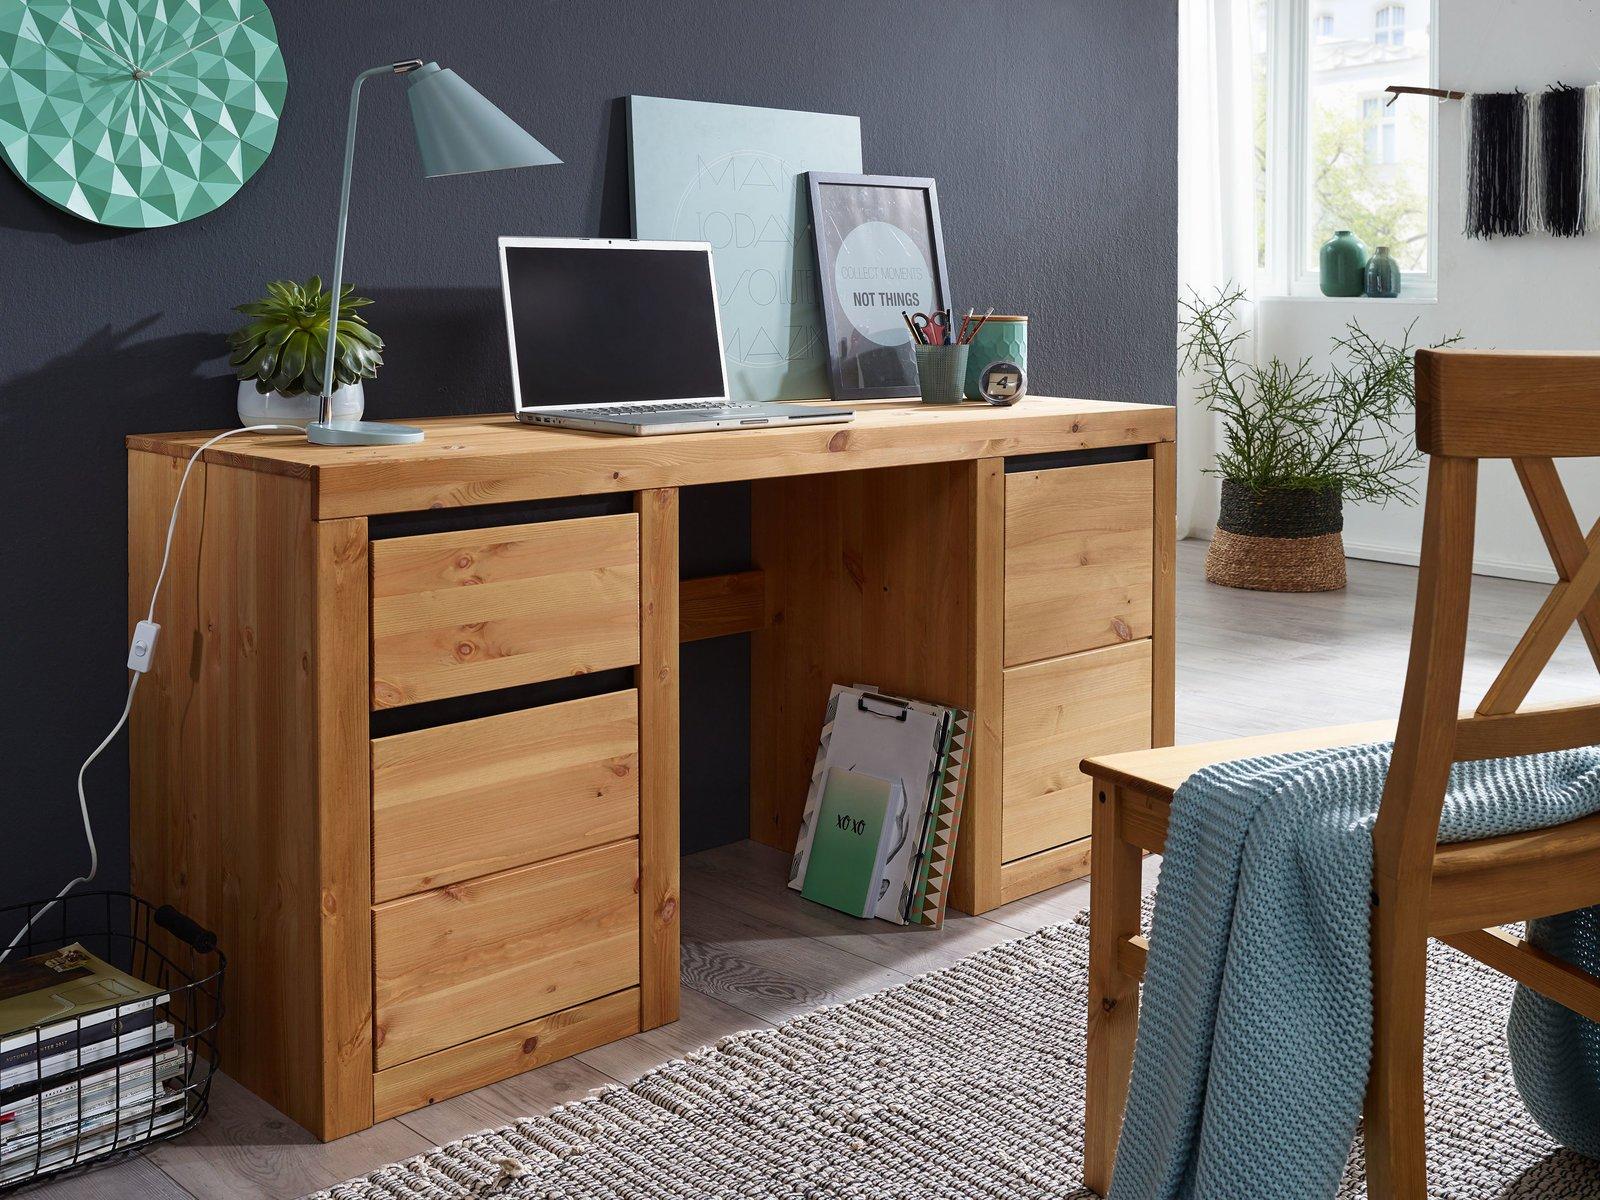 Schreibtisch Randers Massive Kiefer, Bild 3